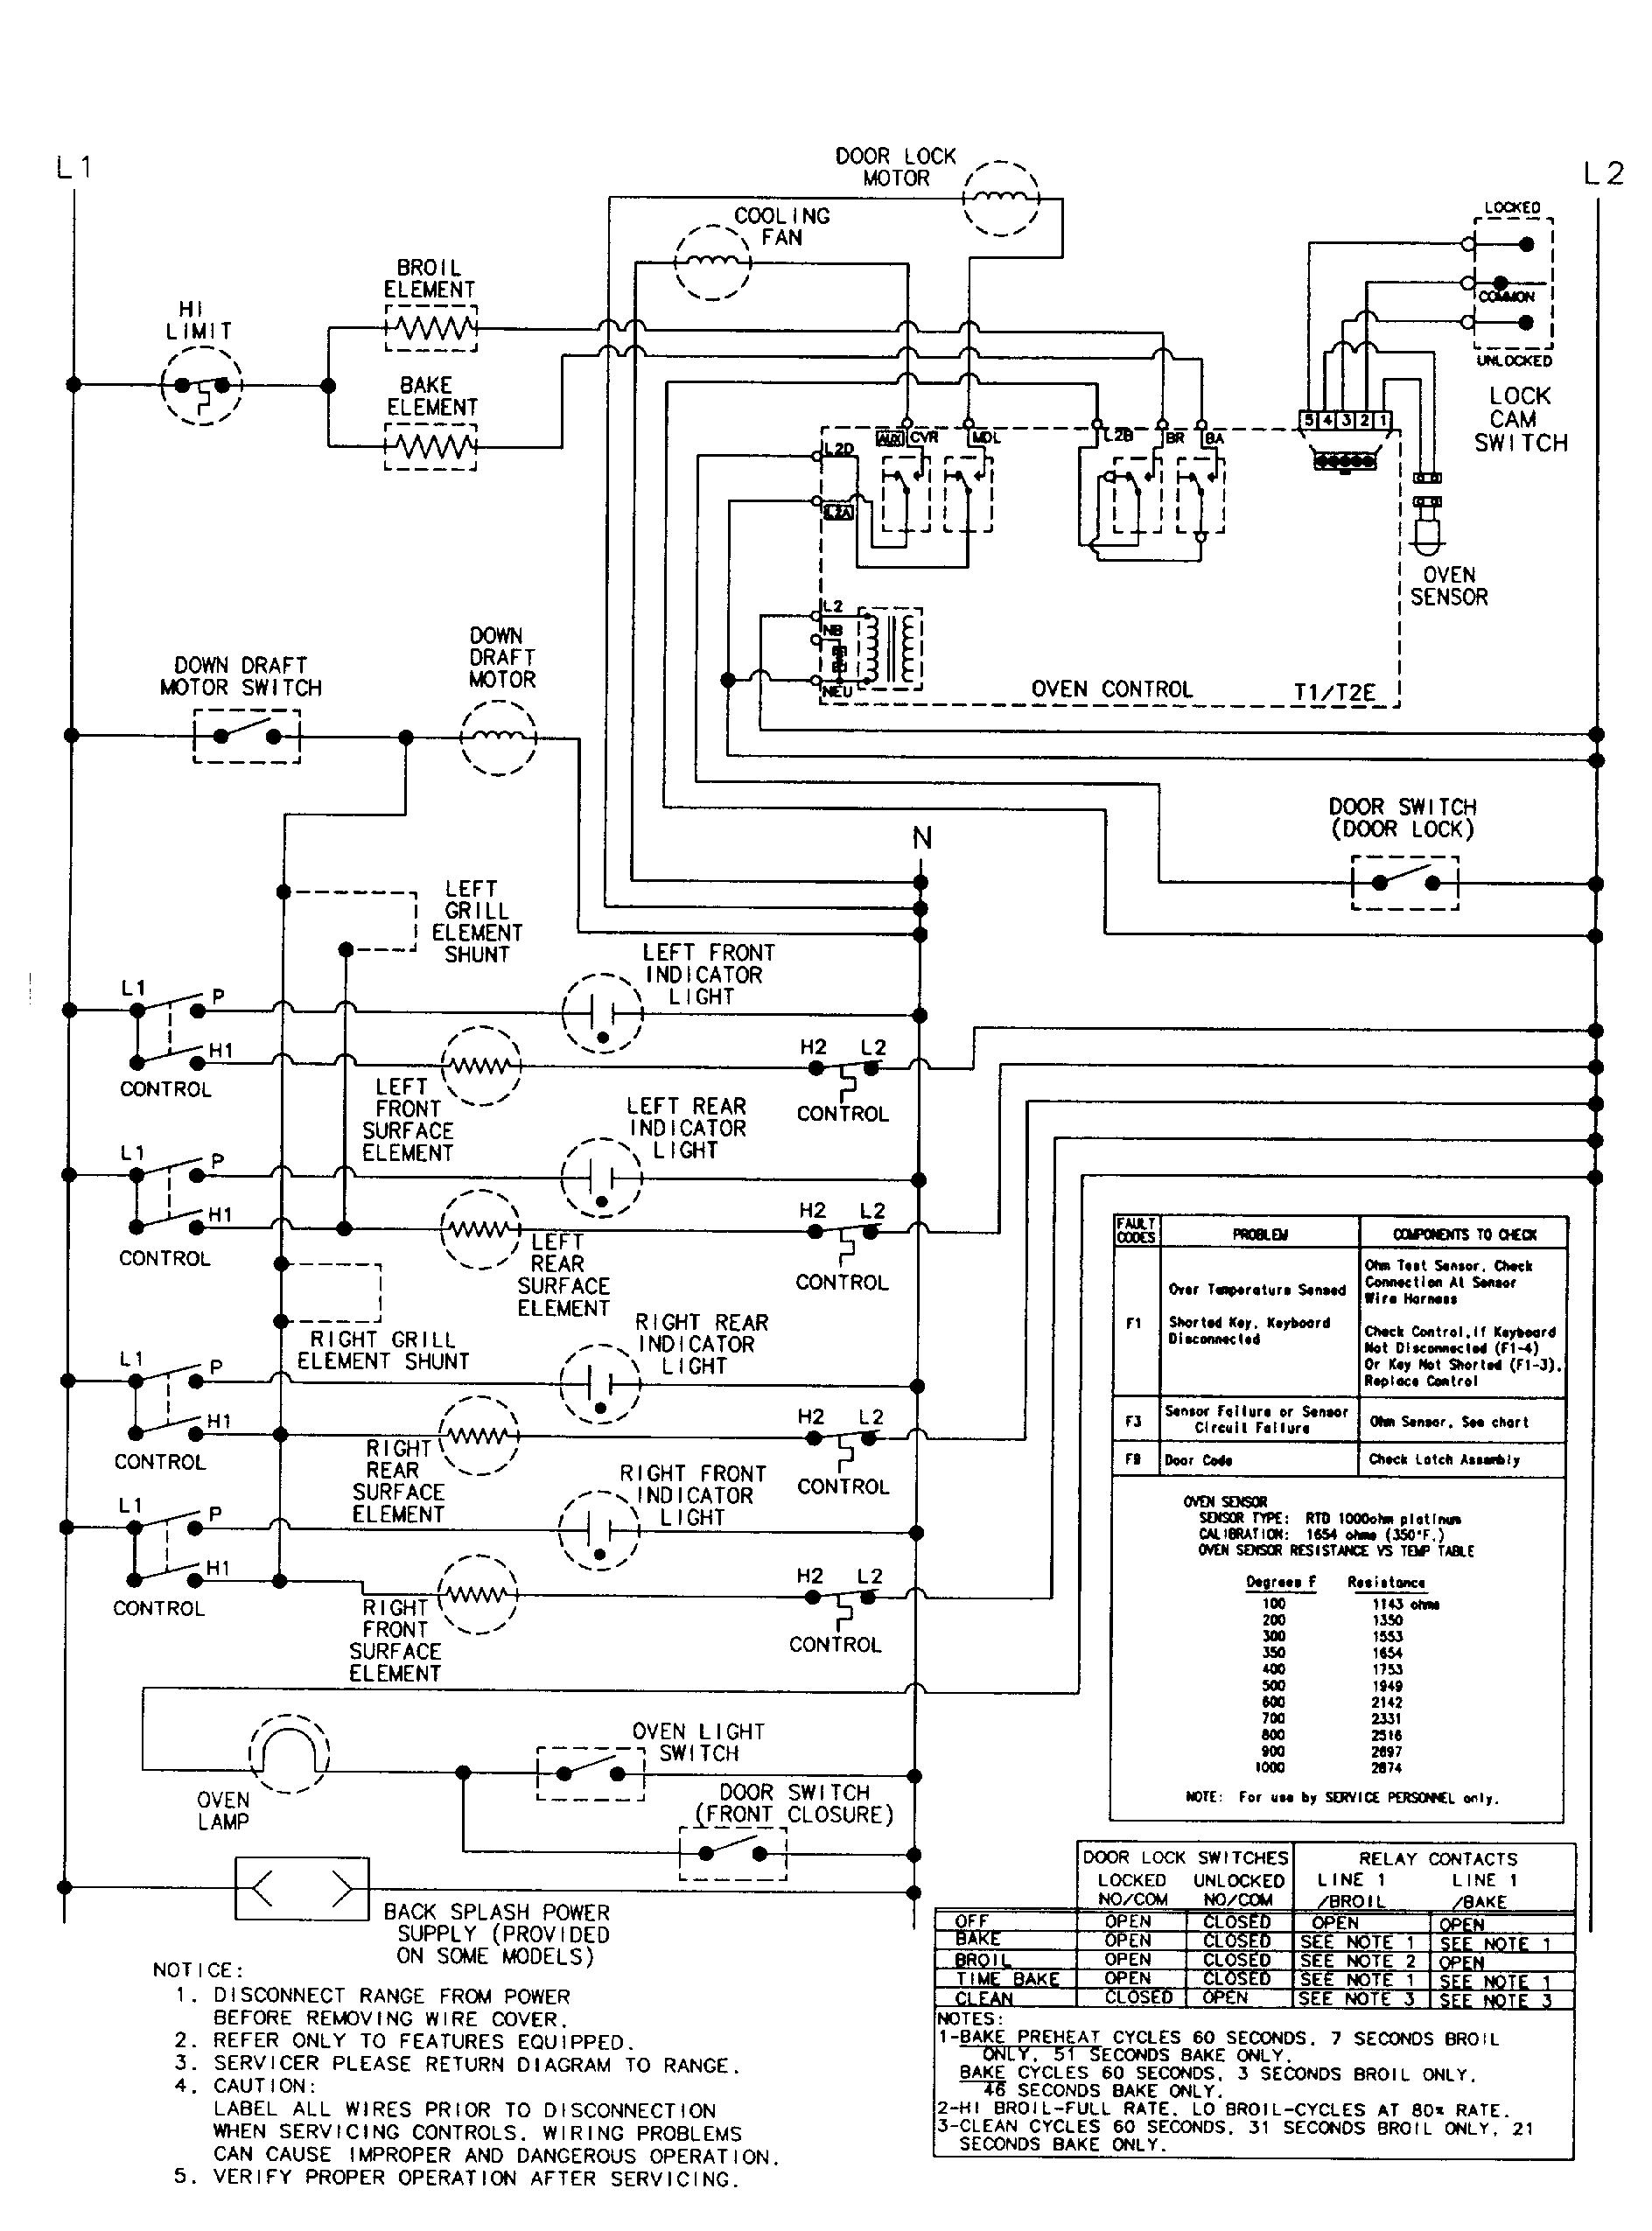 Burner Control Wiring